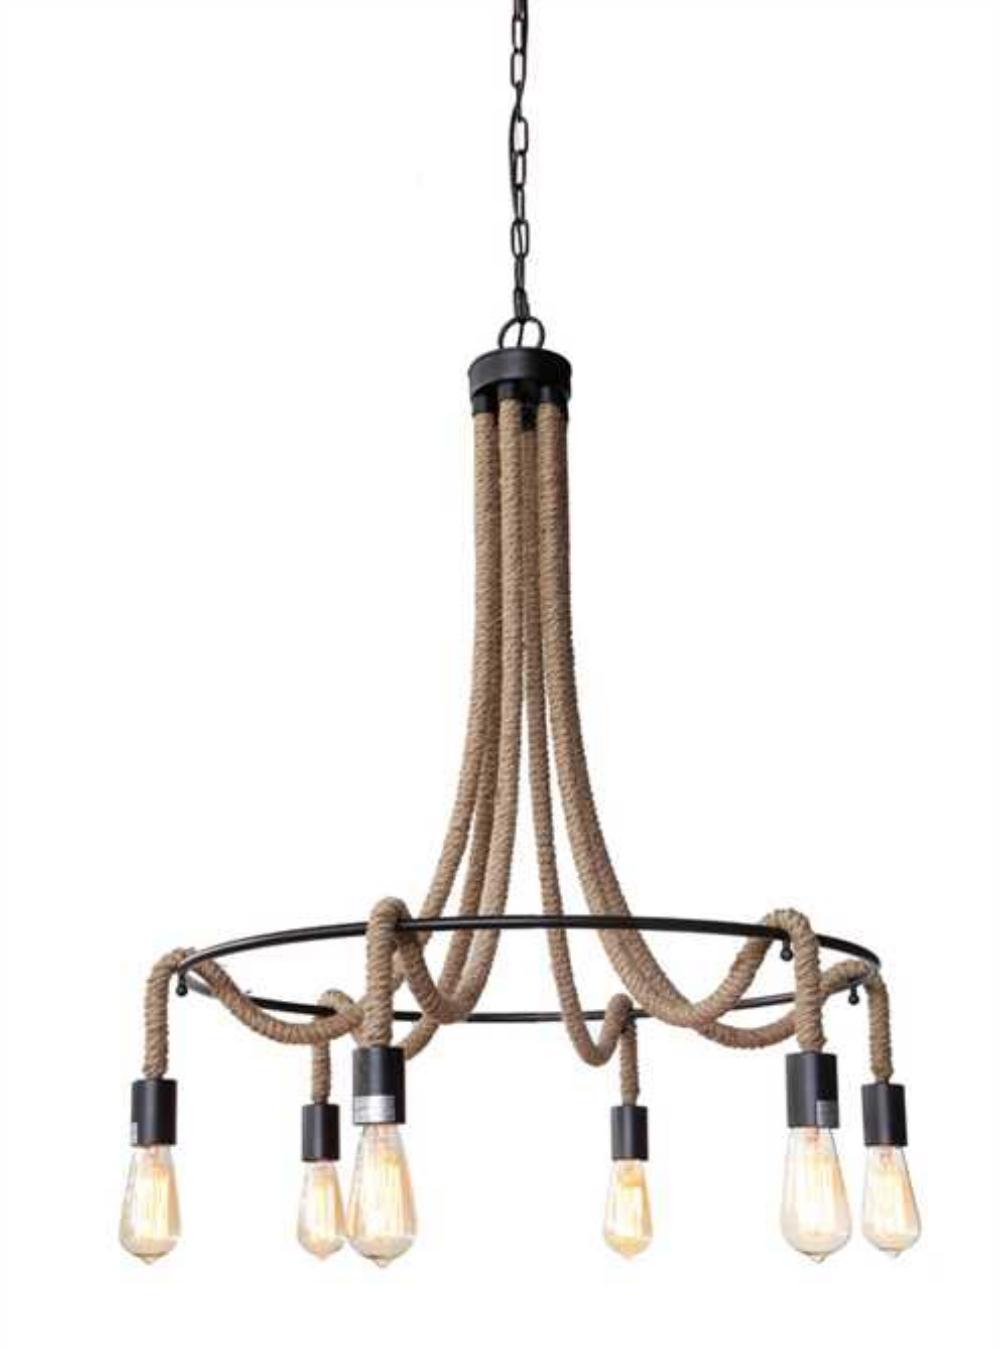 Iron and Rope Tear Drop Big Chandelier Bronze Handing Chain Light Fixture 1